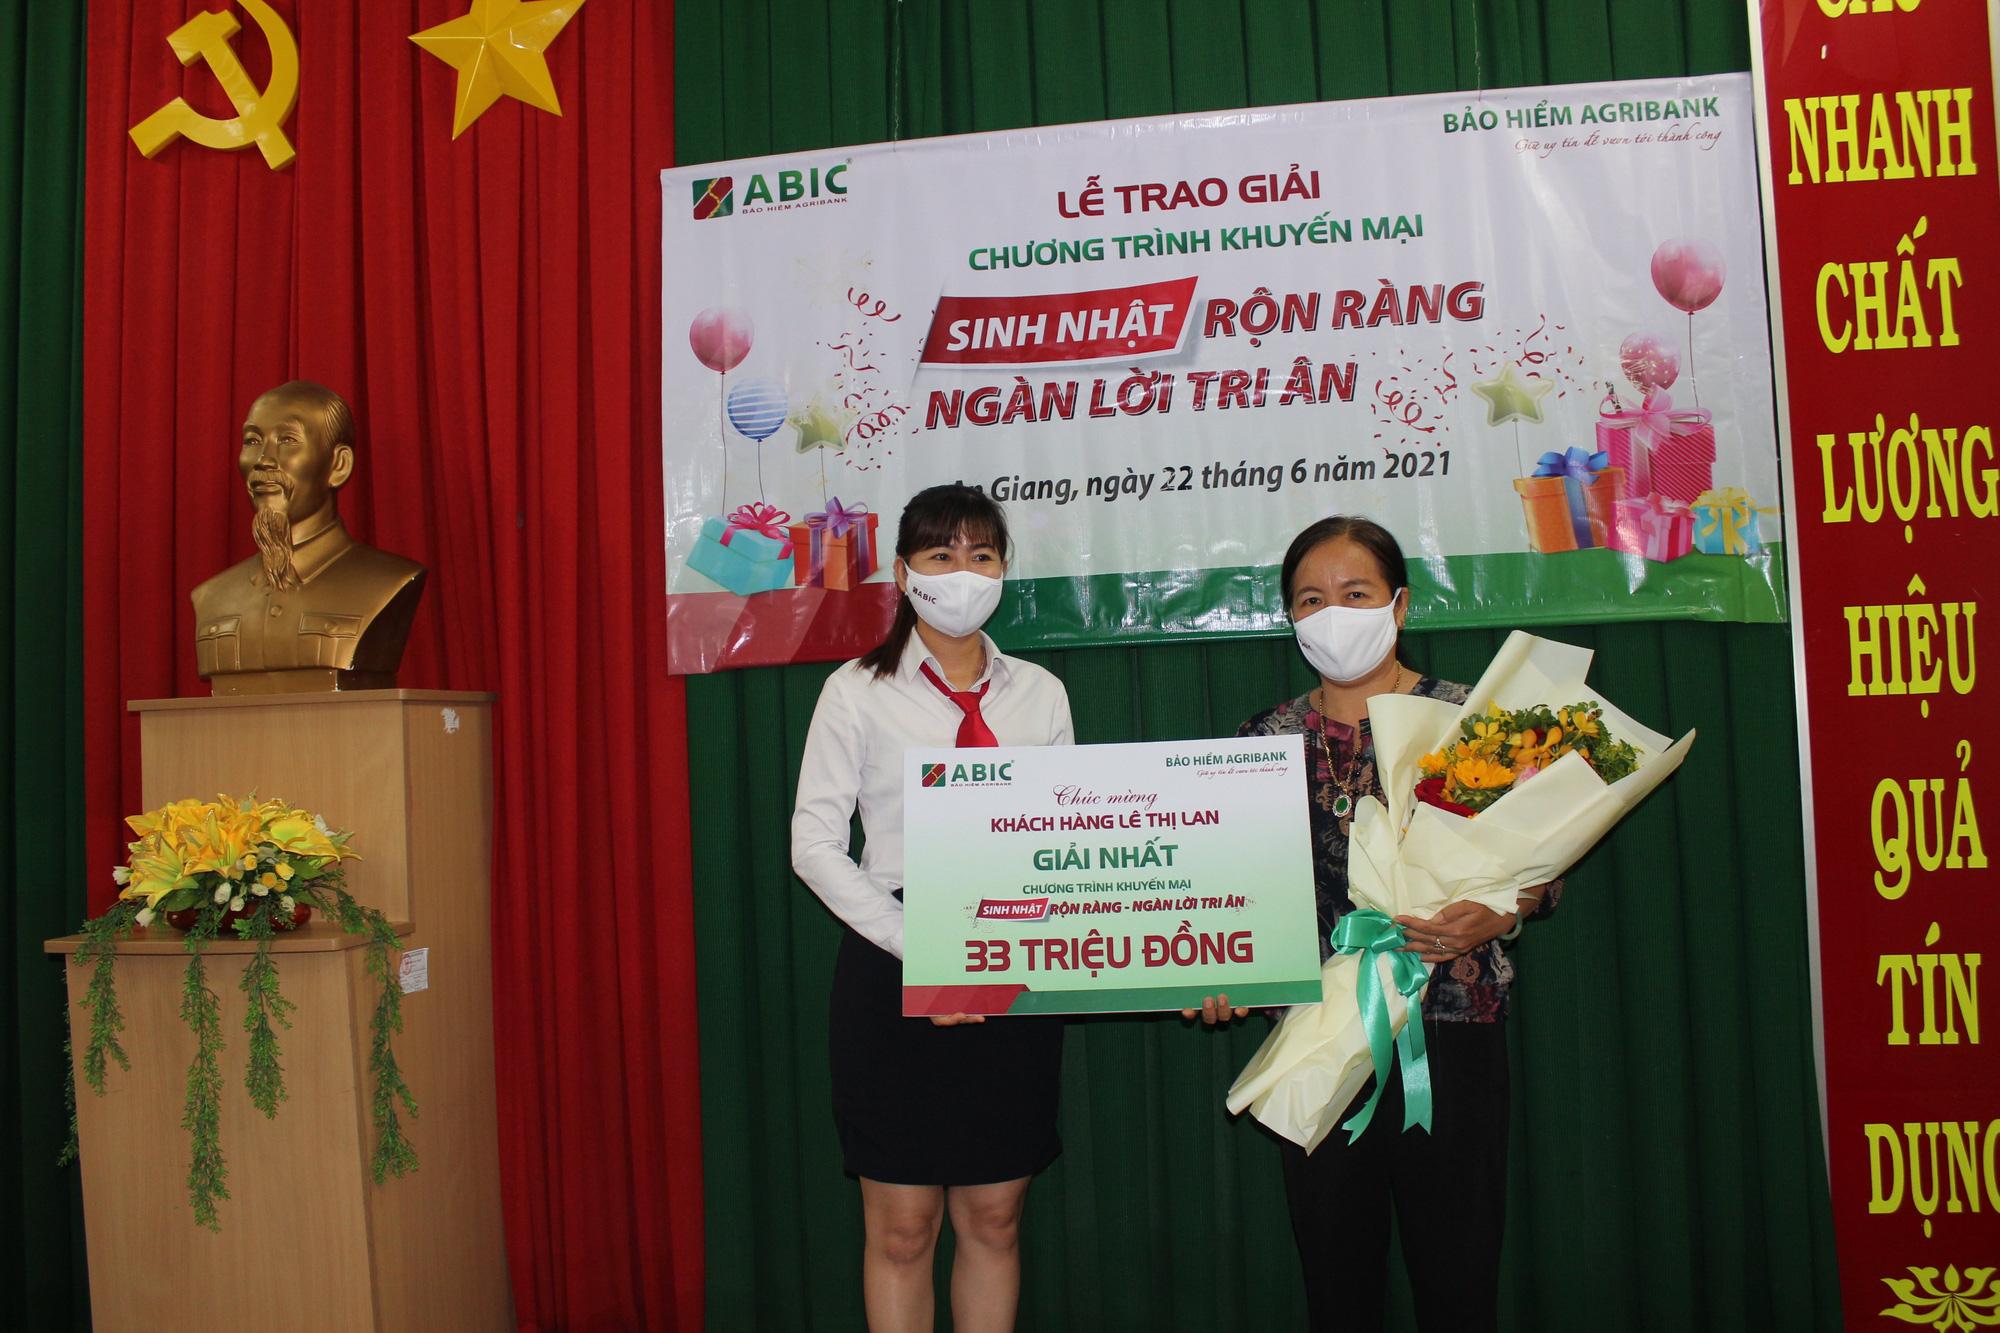 """Agribank Chi nhánh An Giang và ABIC Cần Thơ trao thưởng chương trình khuyến mại """"Sinh nhật rộn ràng - Ngàn lời tri ân""""  - Ảnh 1."""